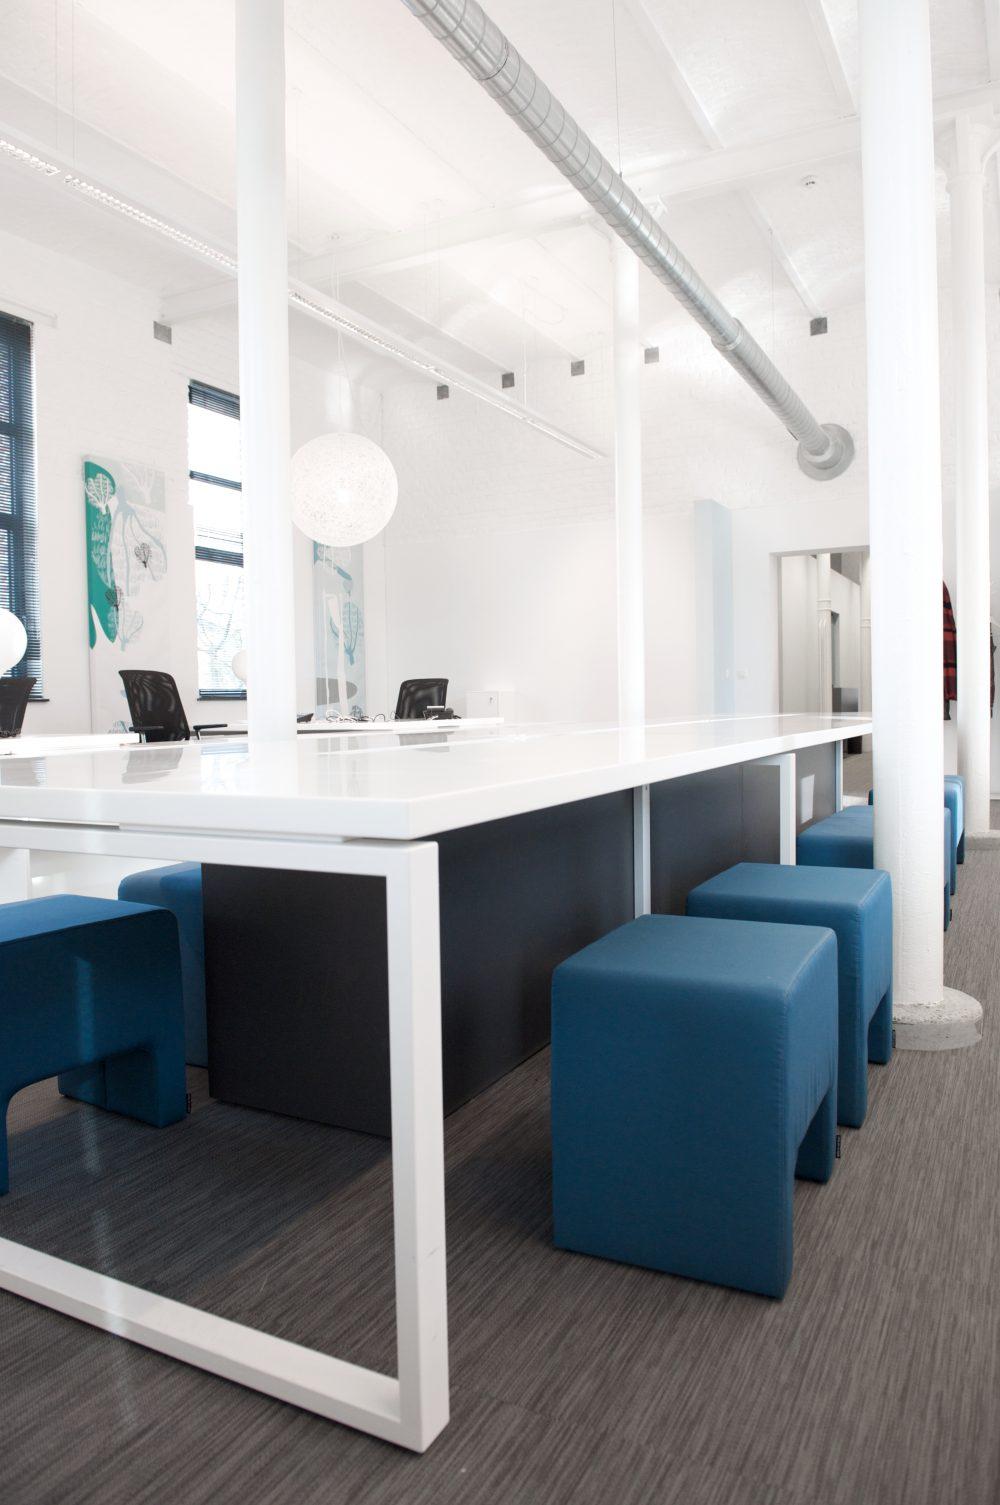 wit bureau met lage blauwe krukjes